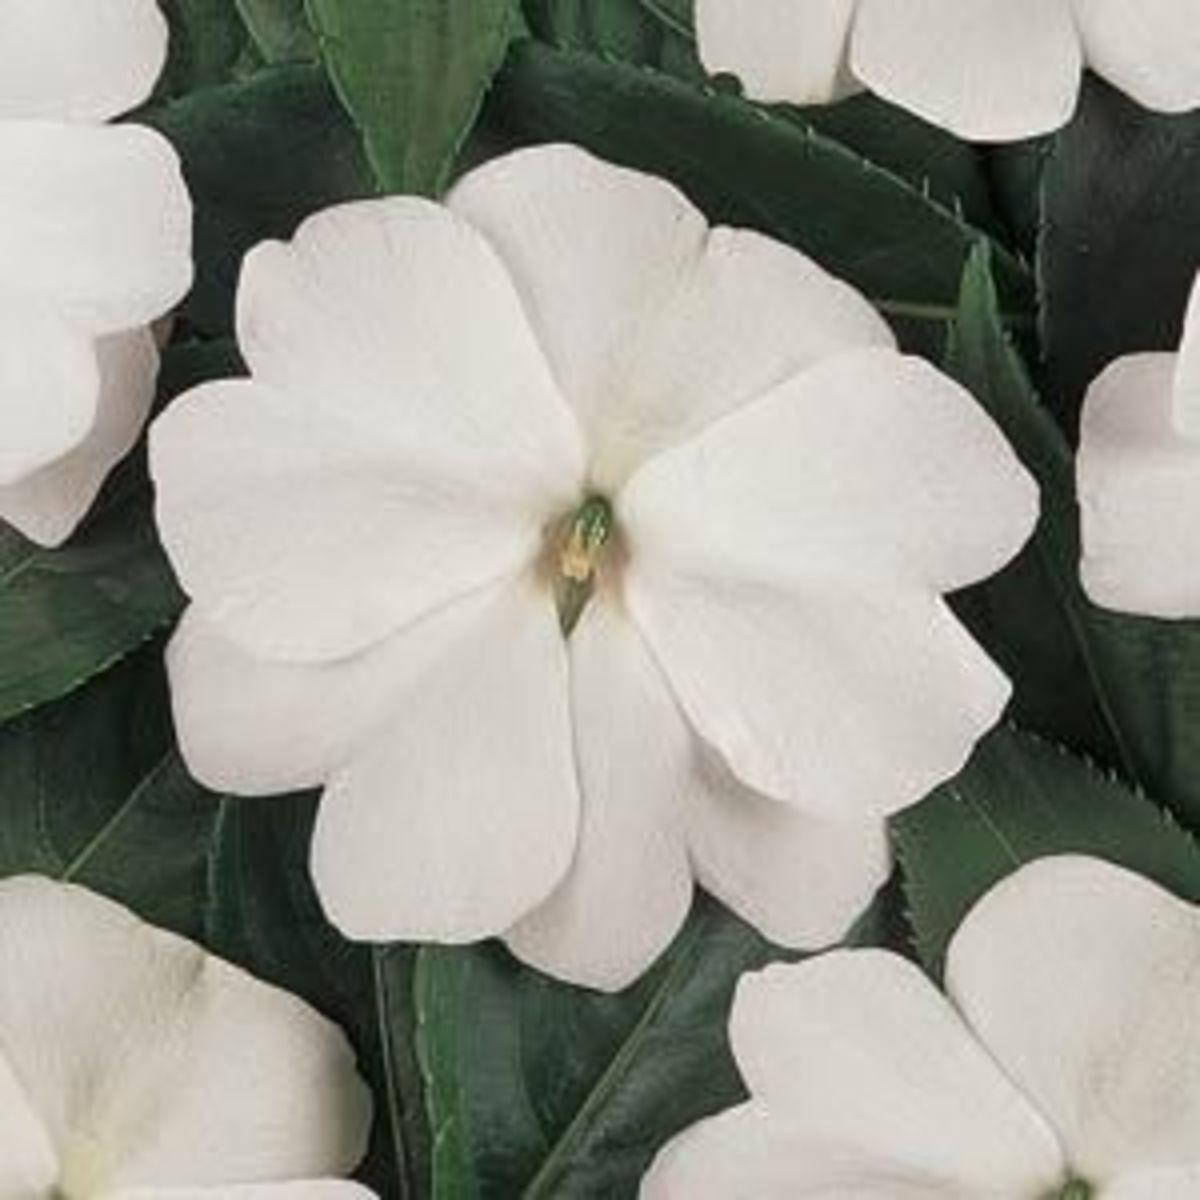 plantaneveninggarden